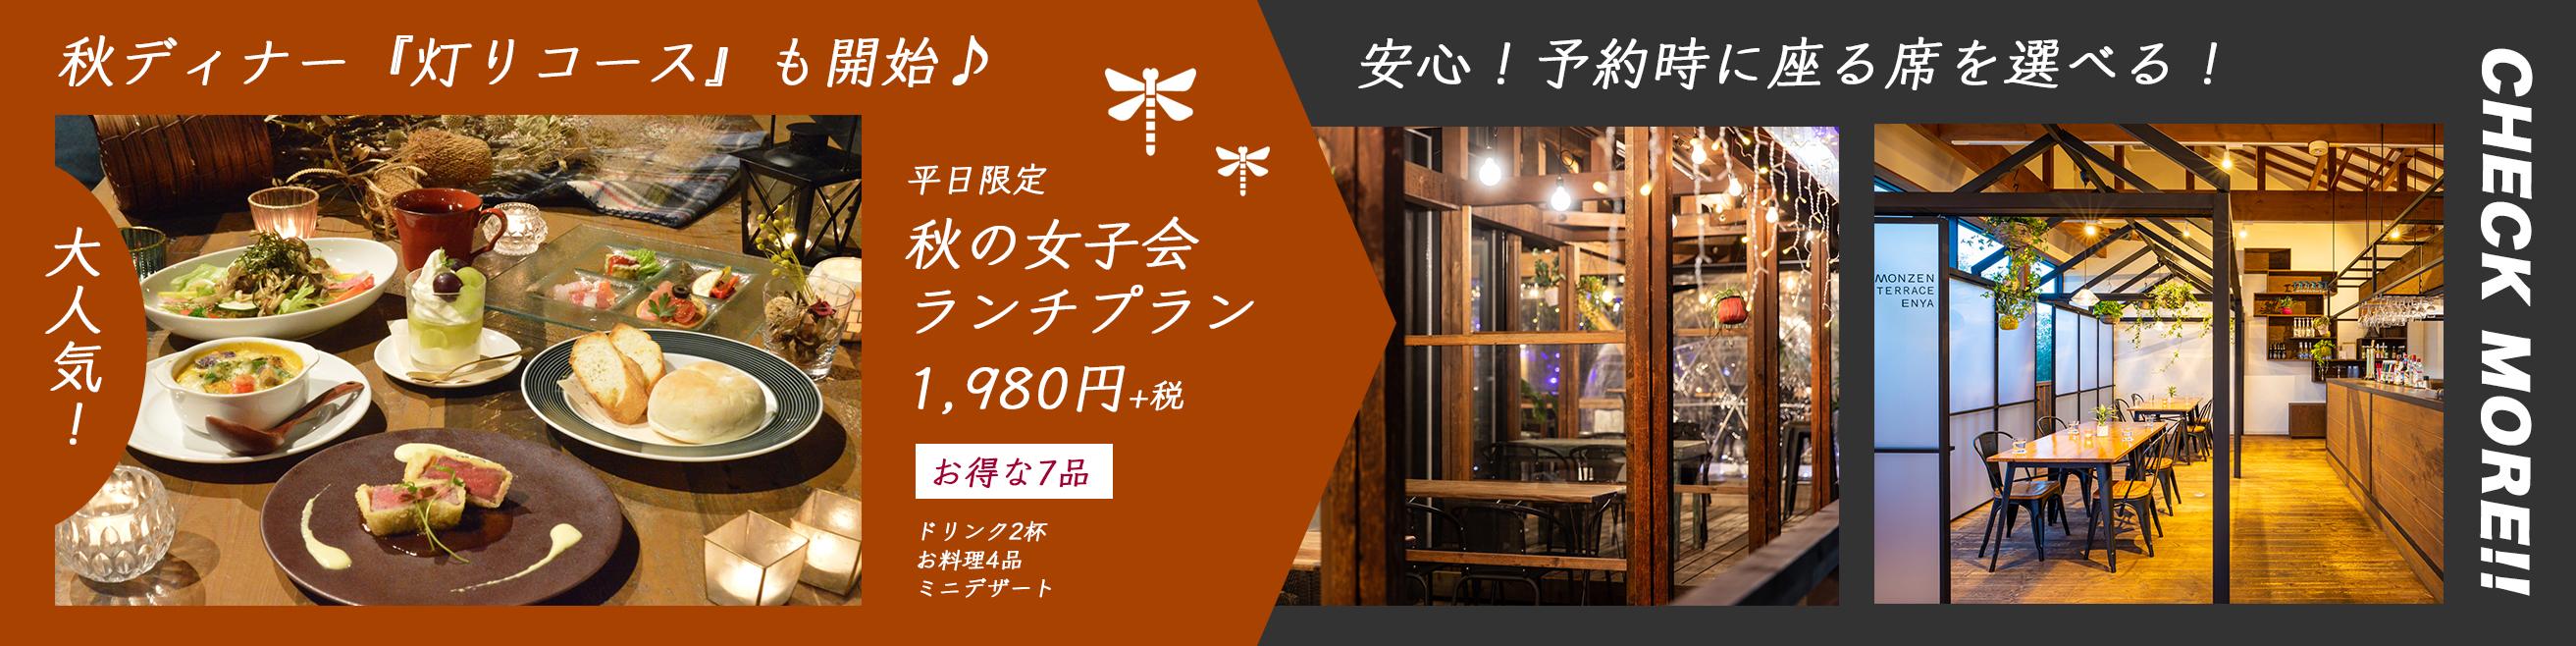 5/15(土)~9/20(月) ビアガーデン2021開催!! 安心 予約時に席を選べる!